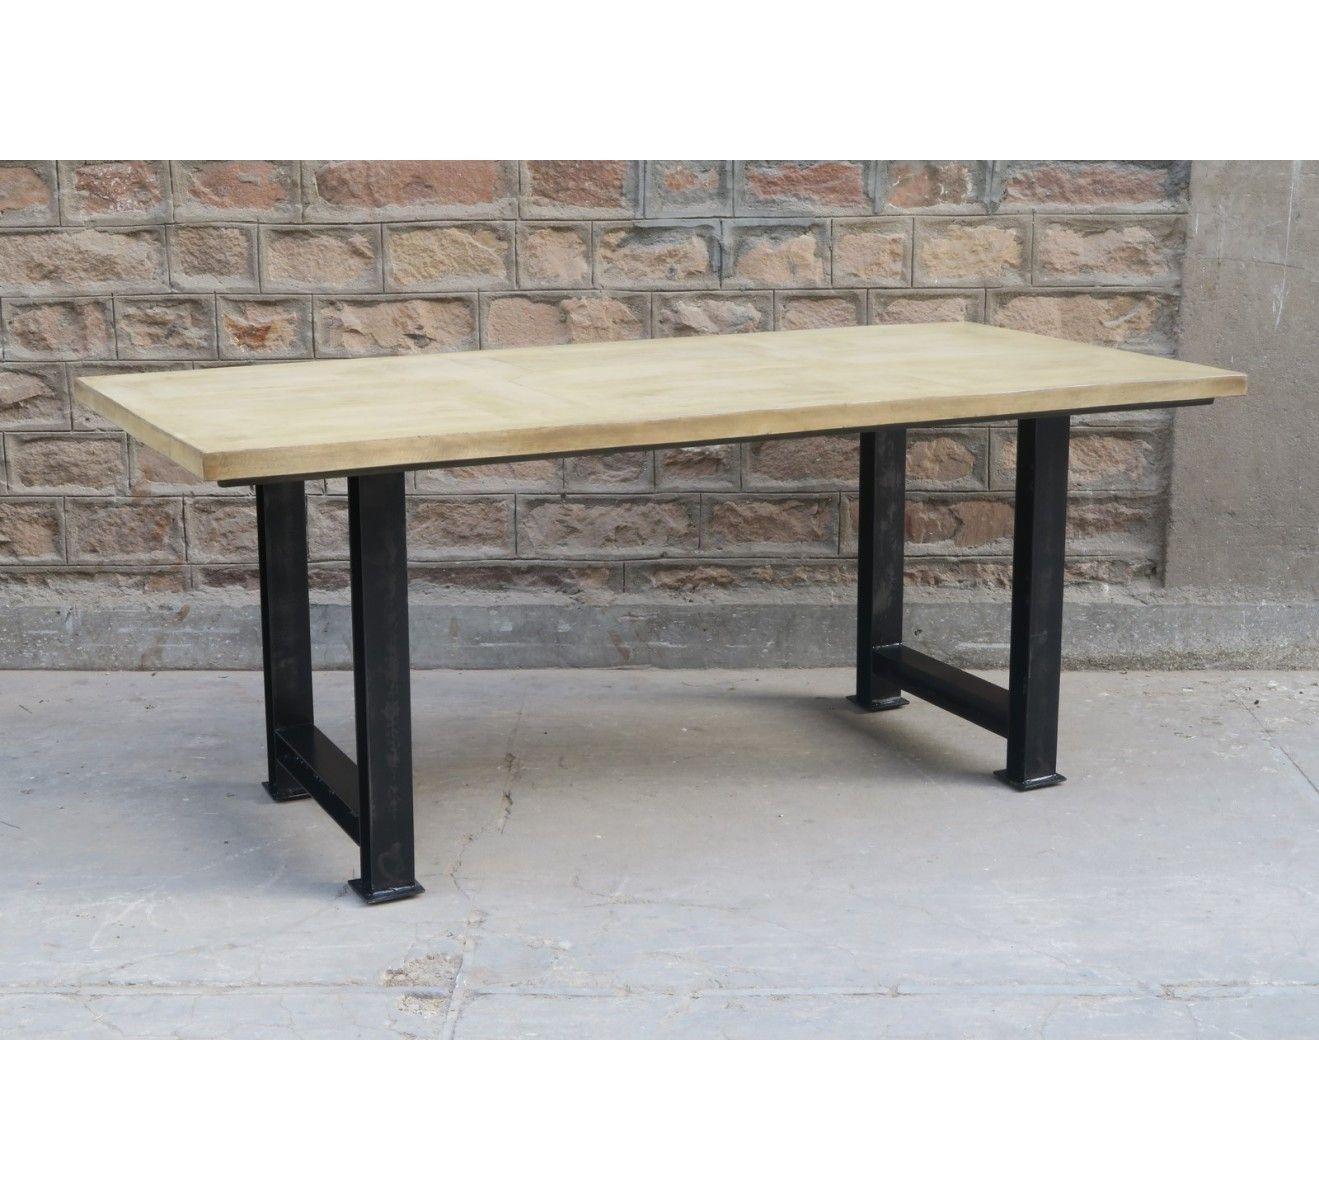 Caractere Table En Manguier Massif Et Metal H77 X L190 X P90 Cm Meuble House 518 50 Table Bois Massif Meuble House Table Bois